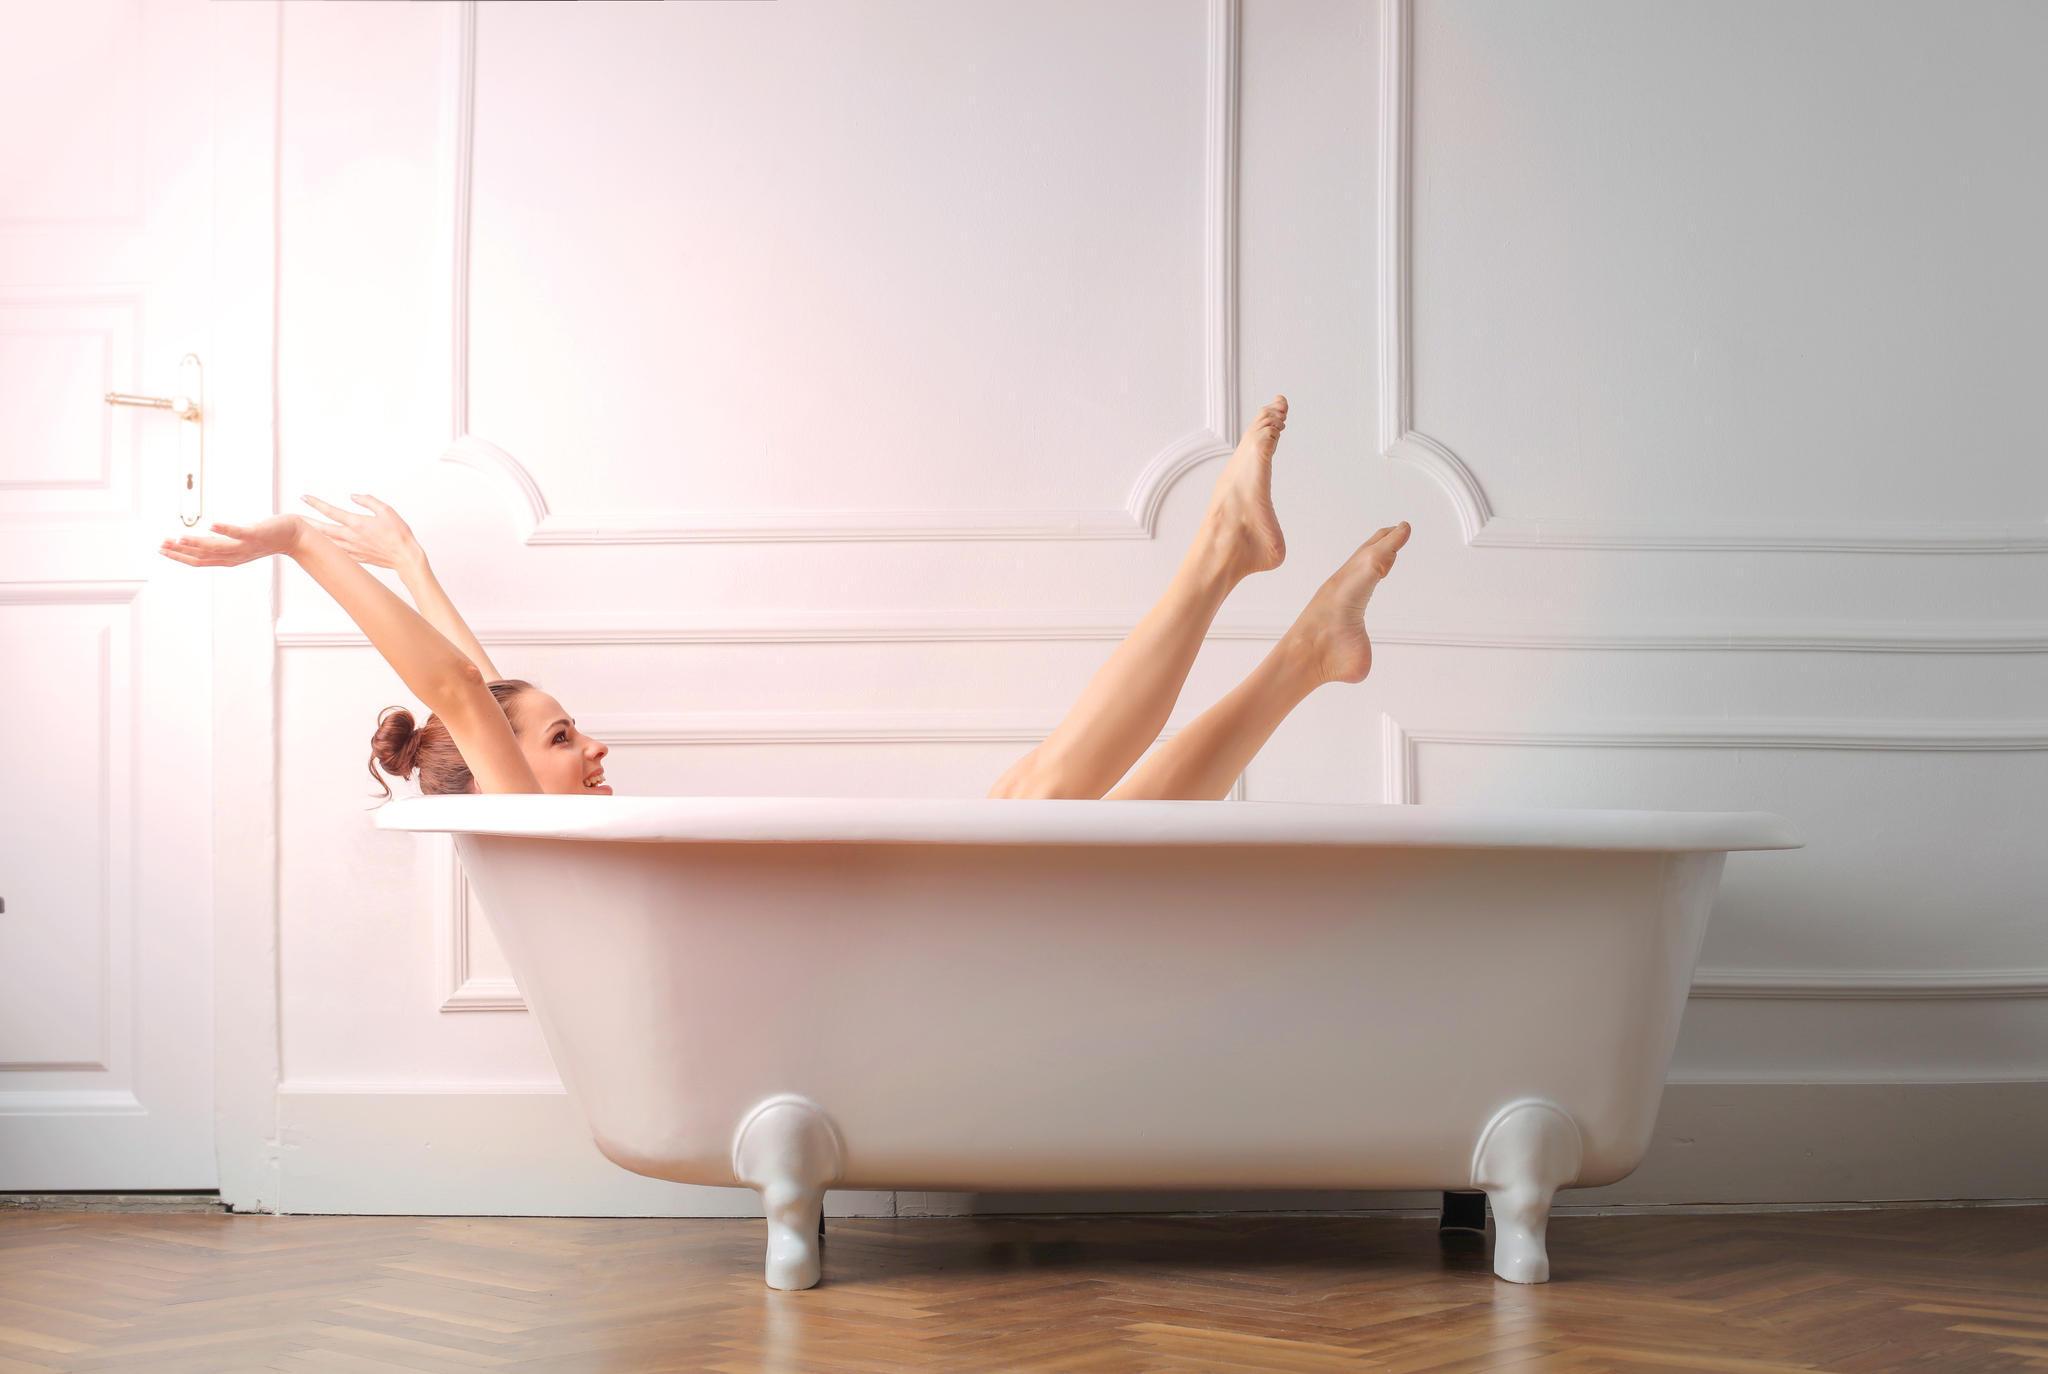 Erkältung sich ein heißes Bad nehmen